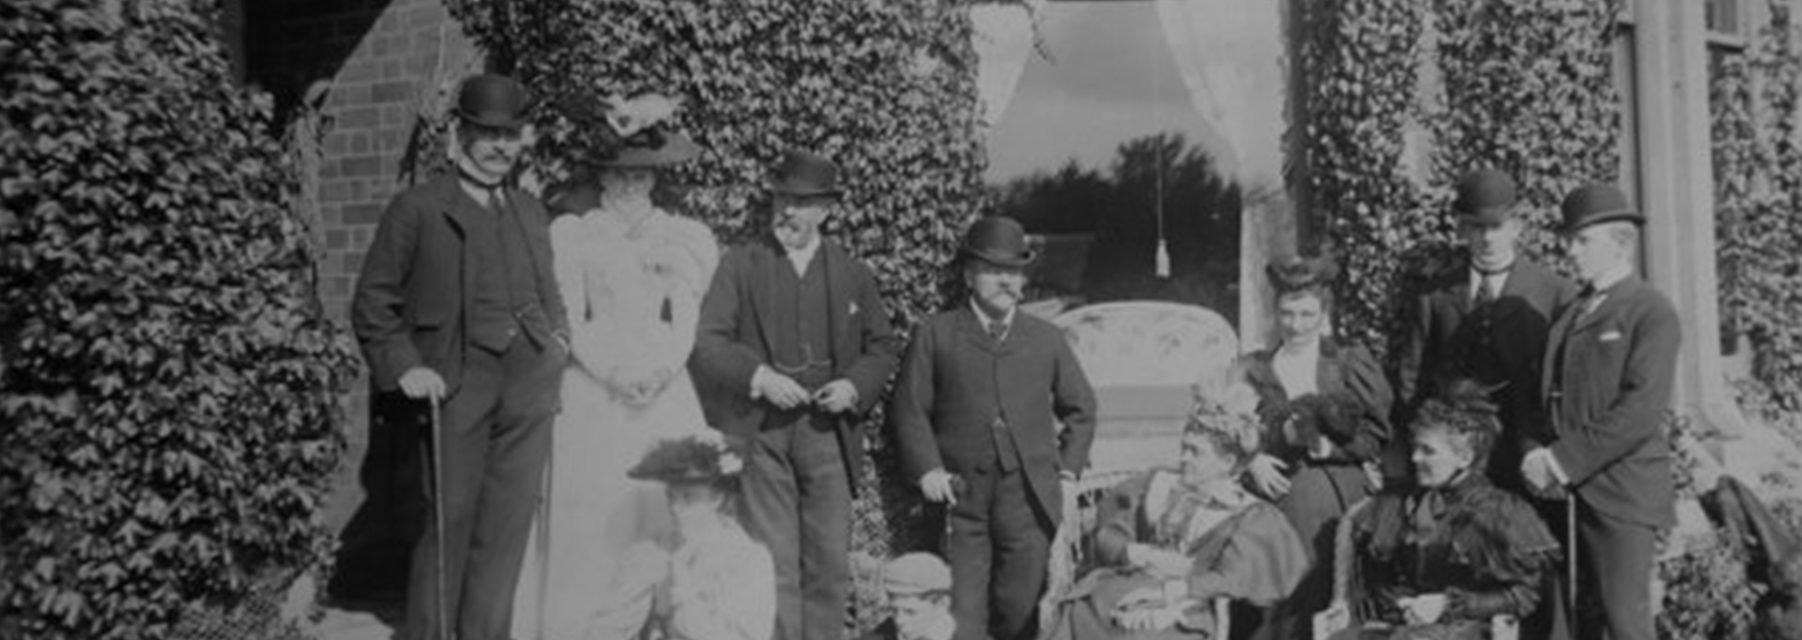 The Miller family, 1897